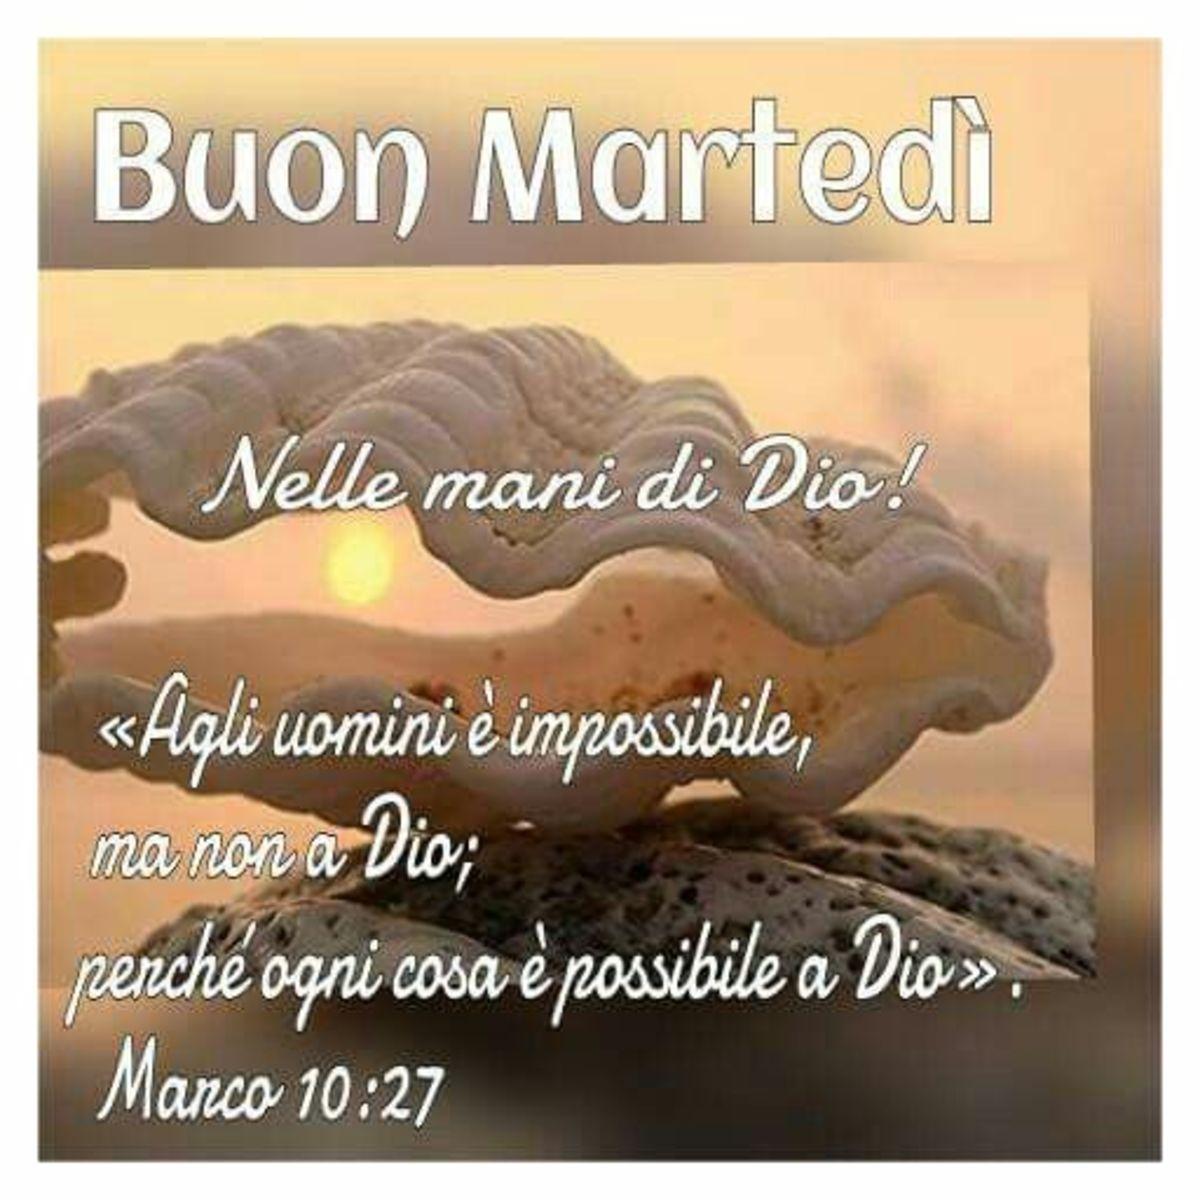 Buon Martedì nelle mani di Dio